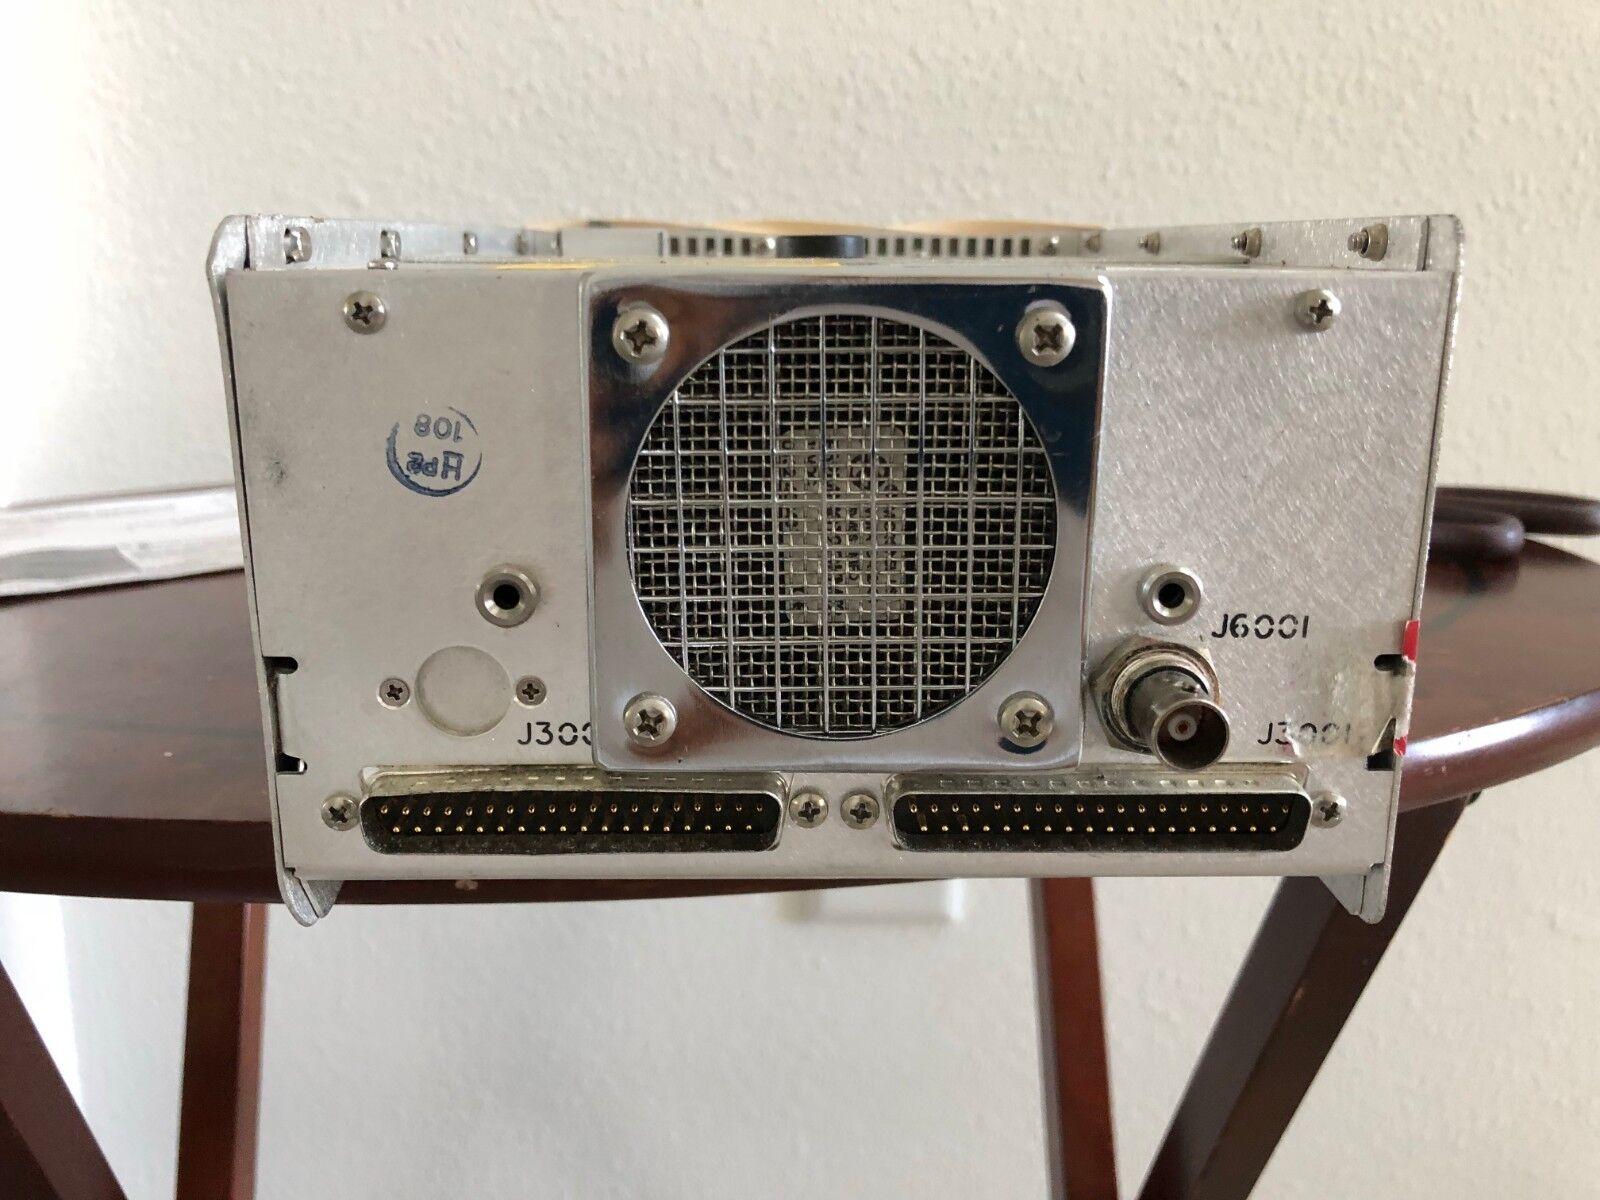 BENDIX/KING KMD-540 P/N 066-04035-0201 WITH KAC 501,502,503,504 MODULE FAA 8130